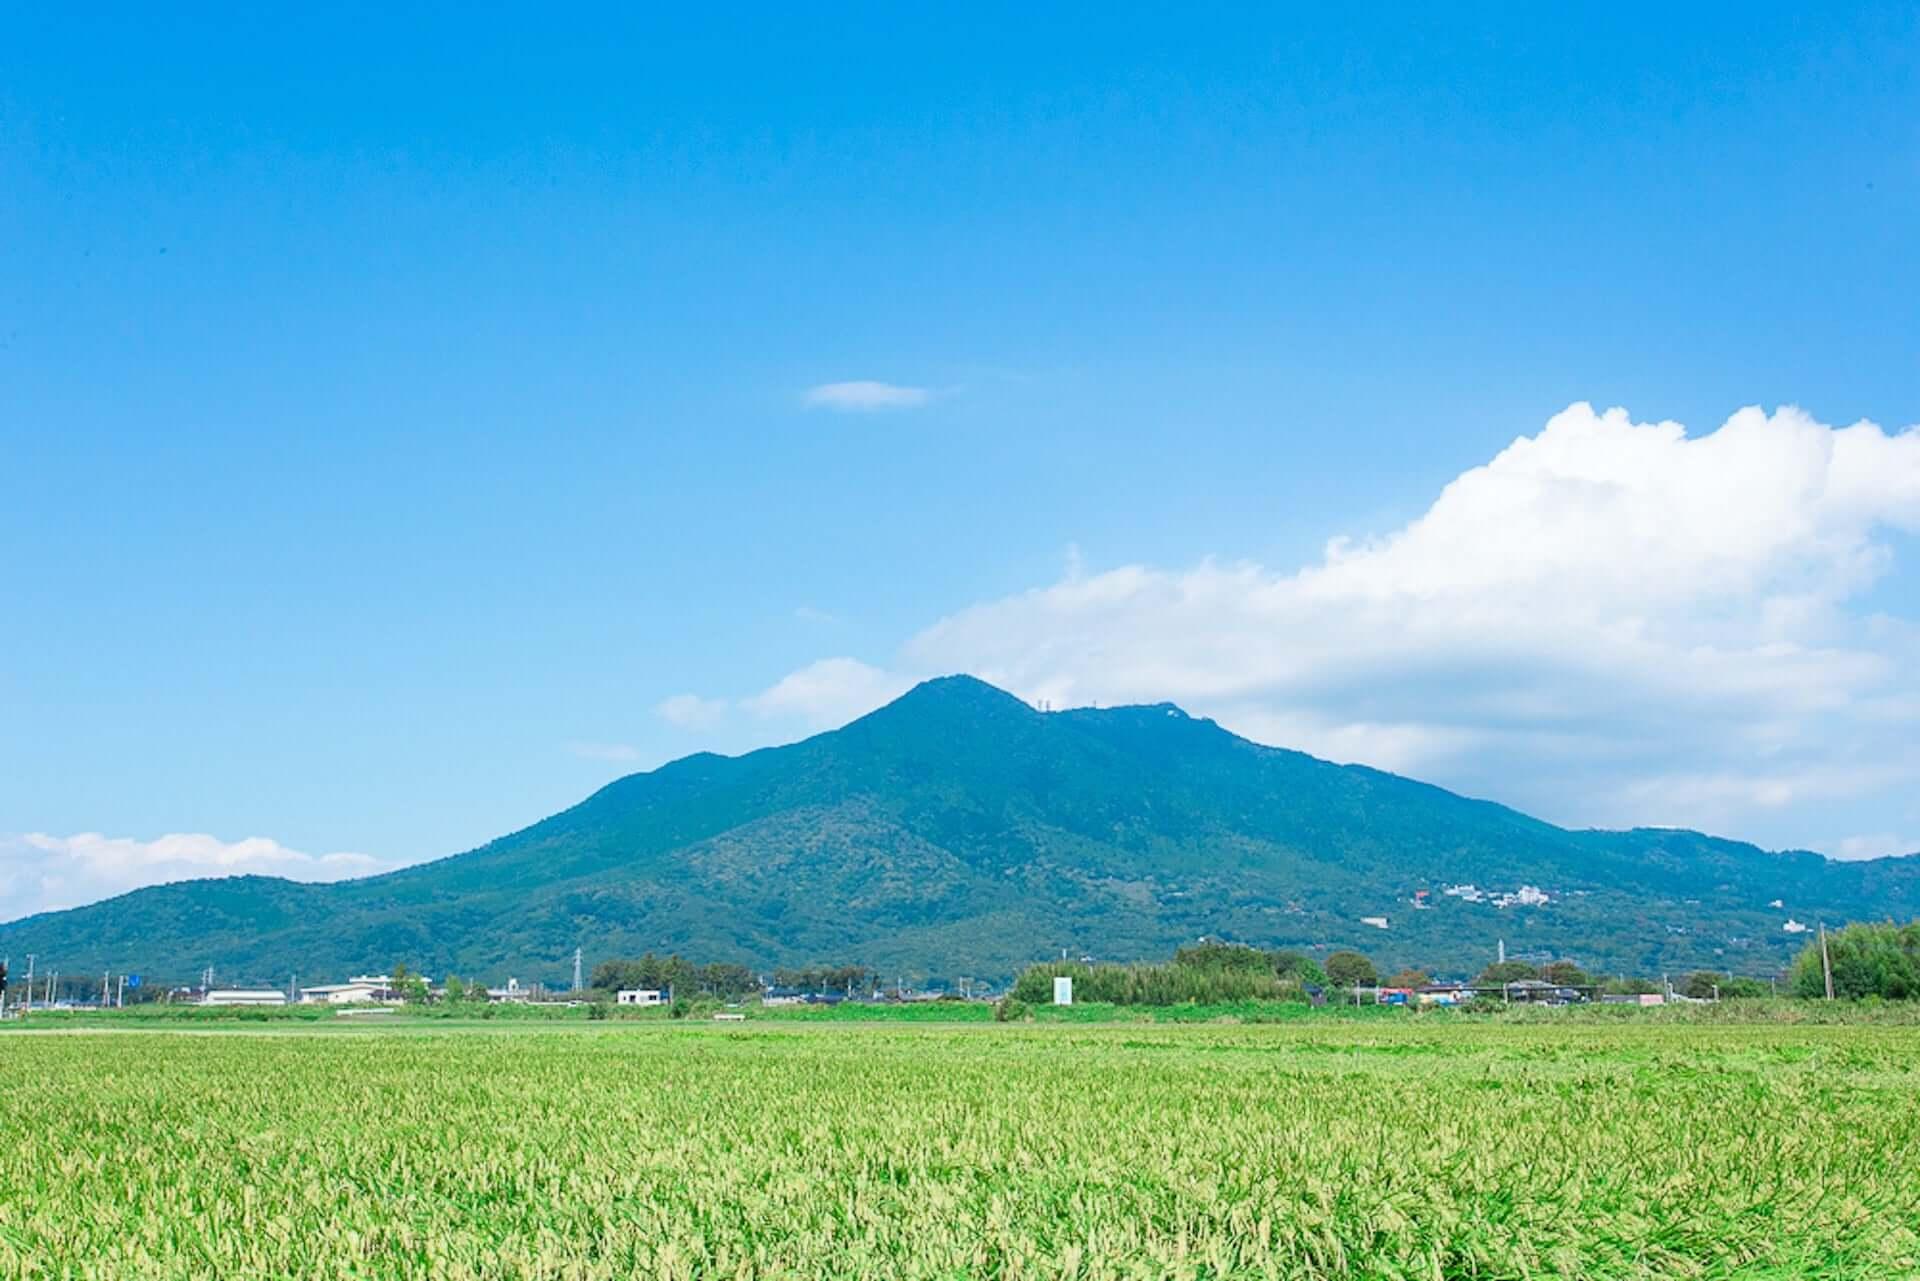 秋の筑波山・霞ヶ浦エリアでアウトドア体験を!一般向けトライアルツアー<Mount Tsukuba PLAY>が茨城県で開催決定 art201013_mount-tsukuba_4-1920x1281